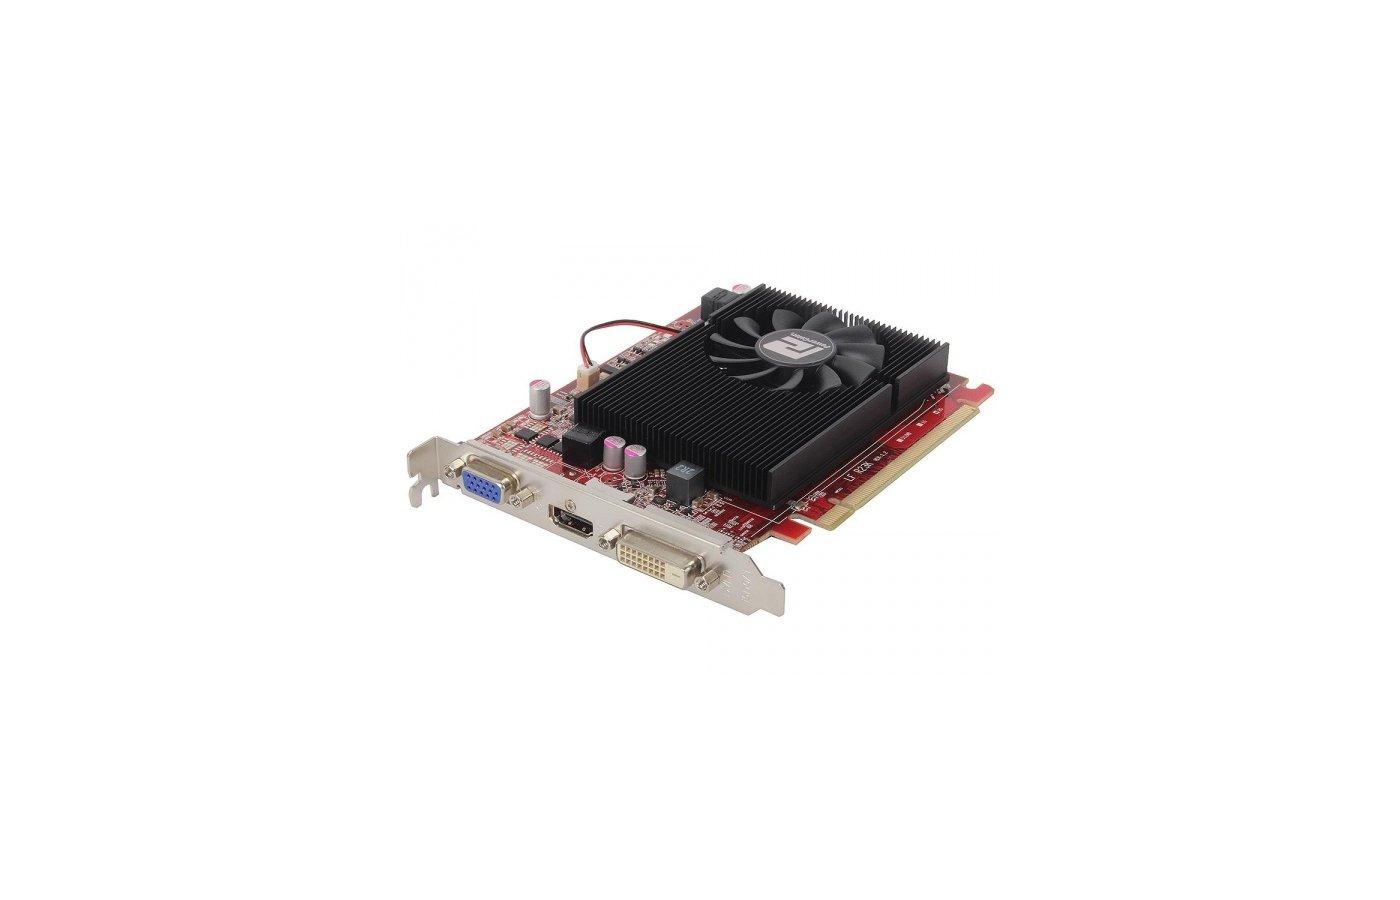 Видеокарта PowerColor PCI-E AXR7 240 2GBK3-HV2E/OC AMD Radeon R7 240 2048Mb 128bit oem